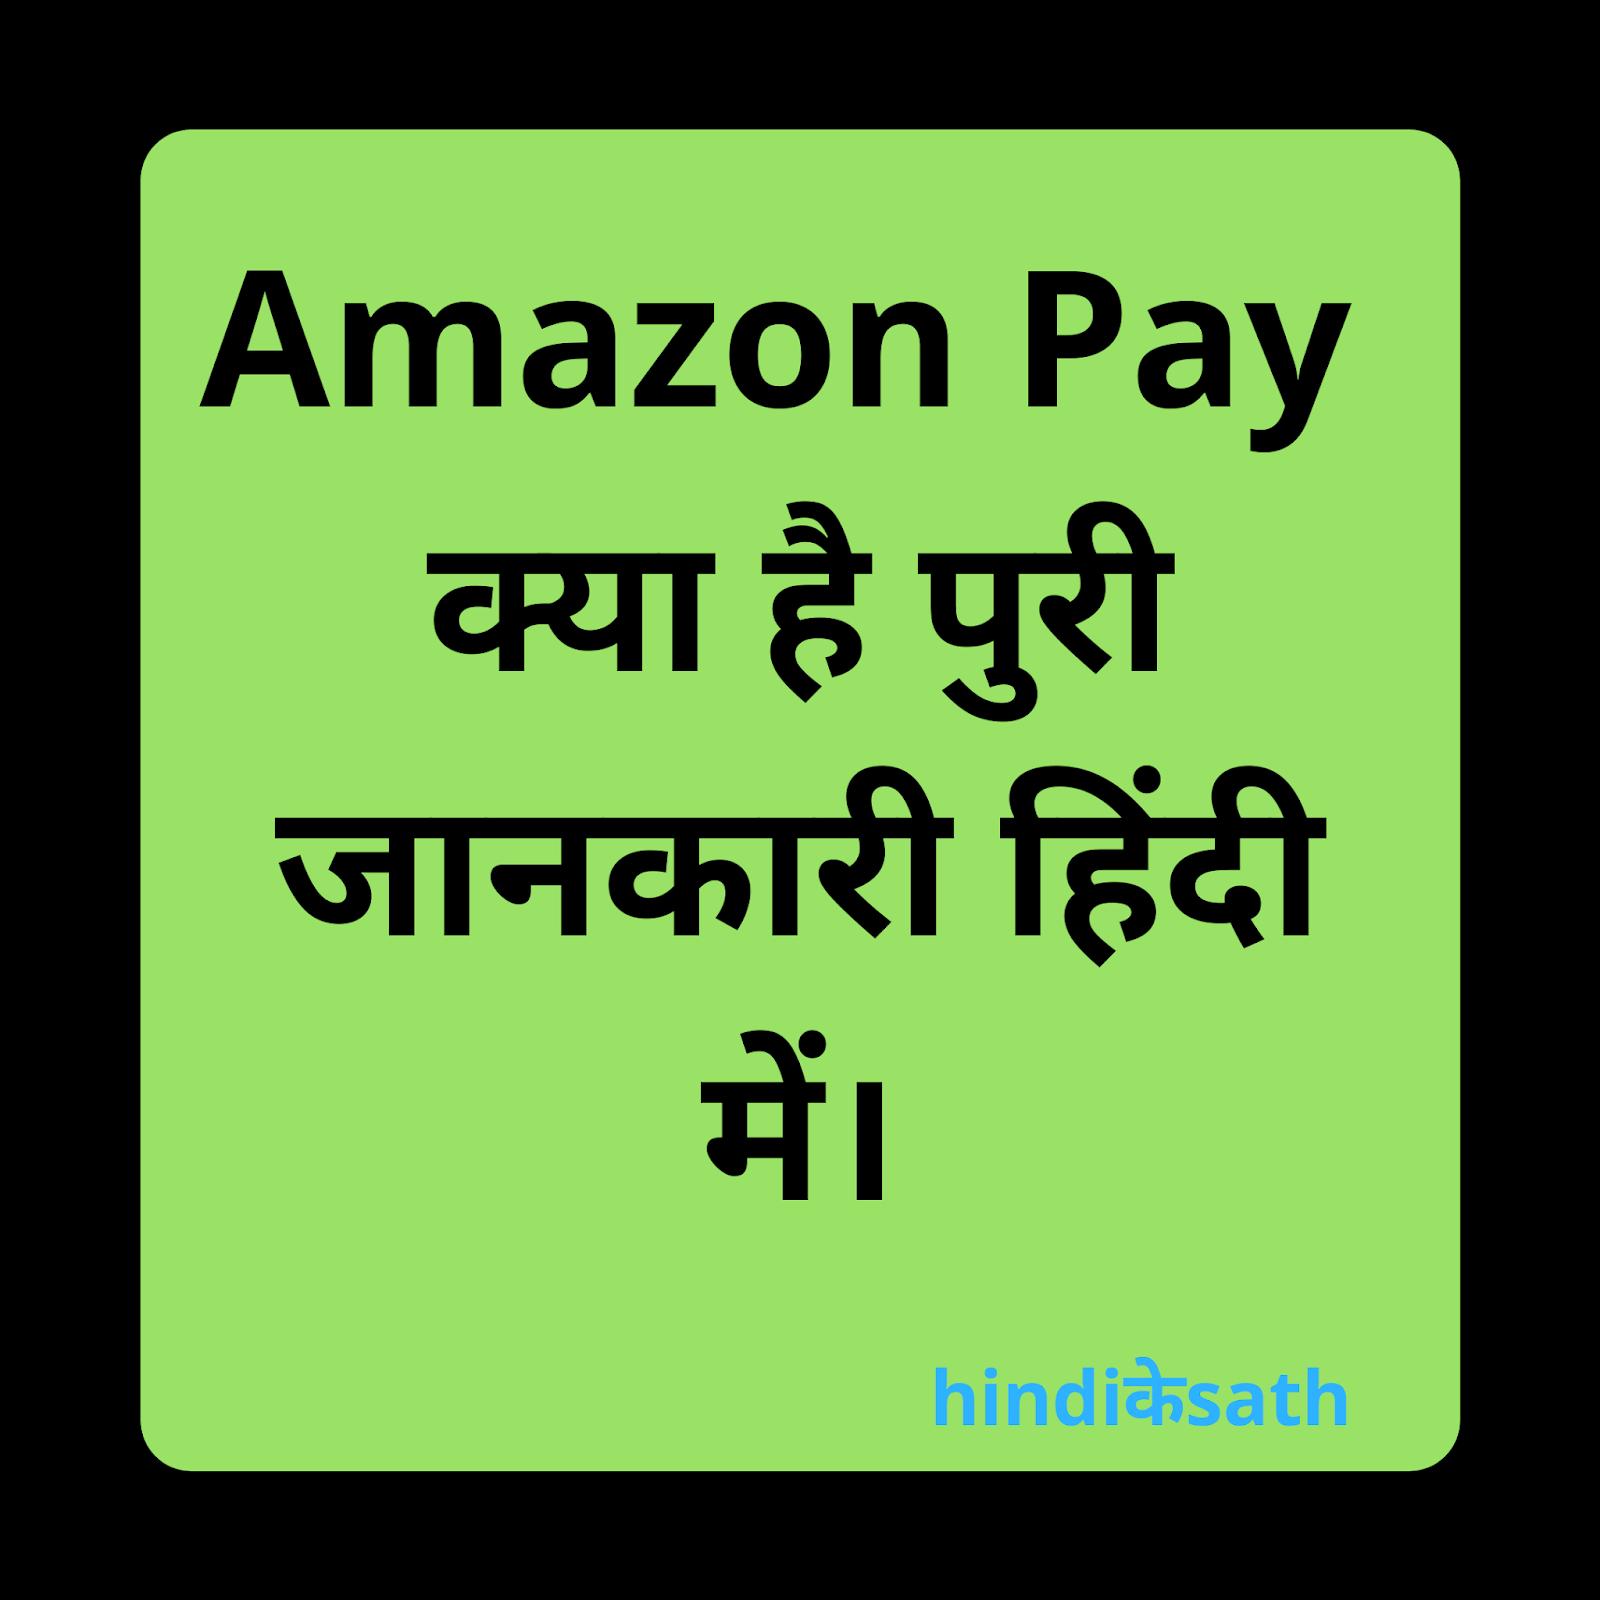 Amazon pay kya hai